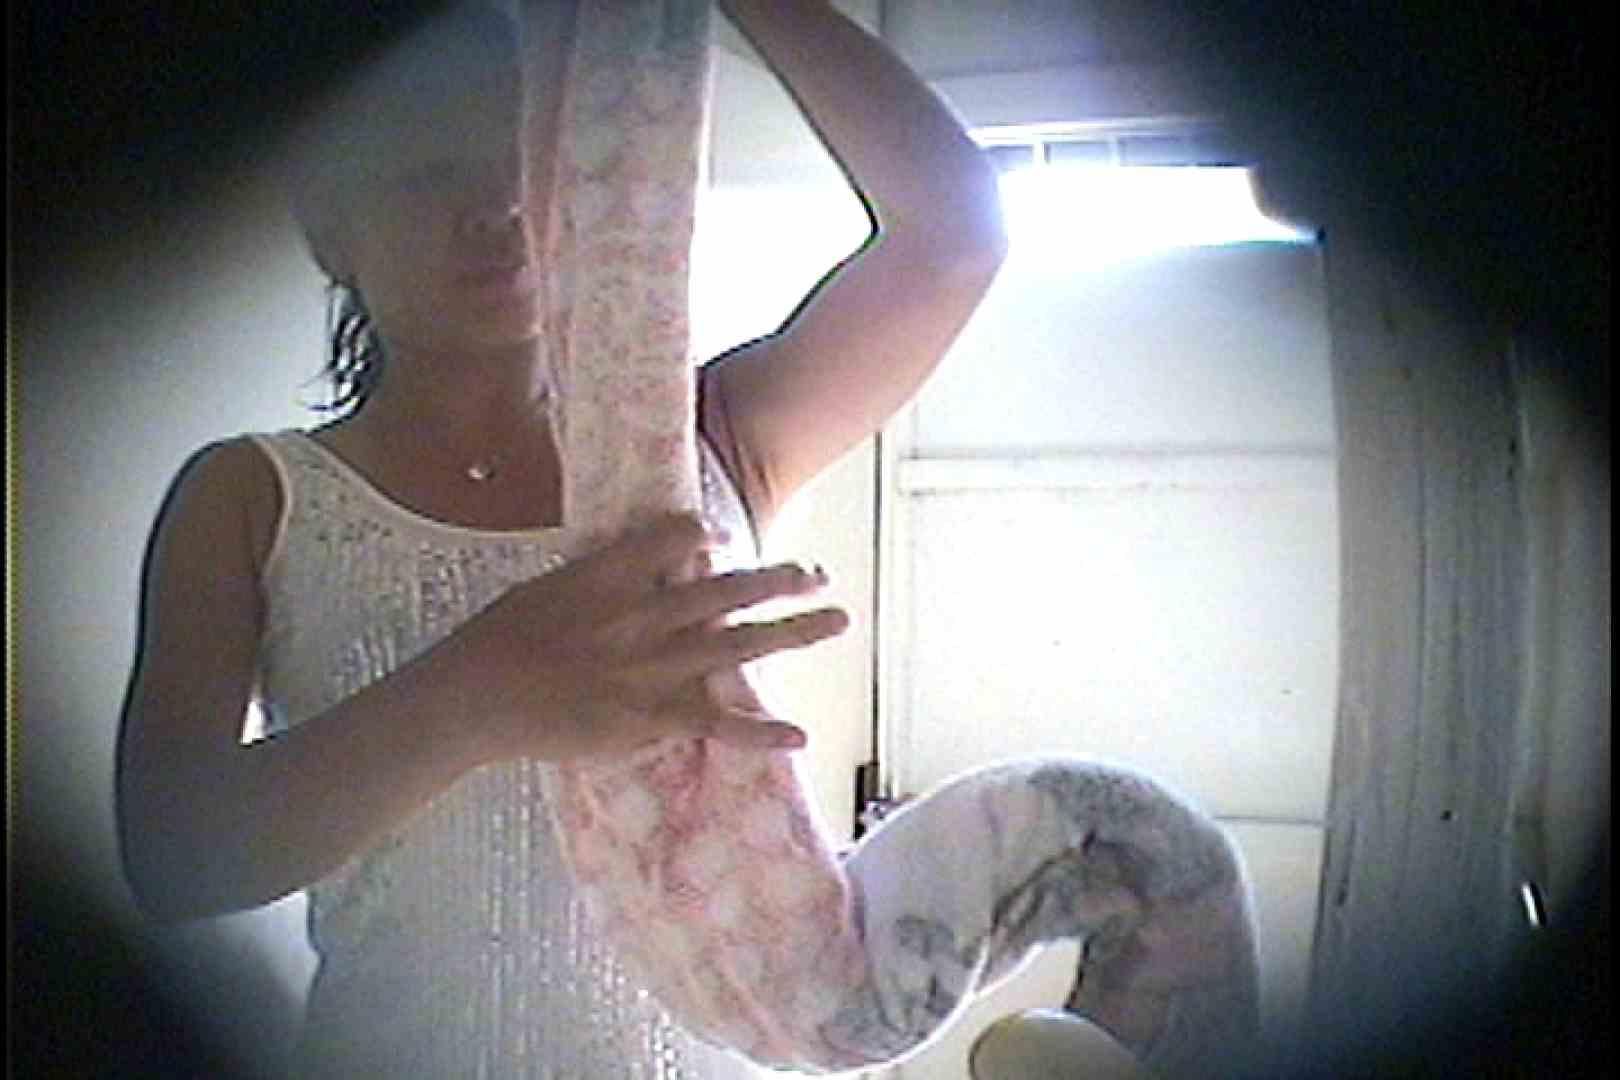 海の家の更衣室 Vol.26 美女達のヌード   シャワー中  70連発 8